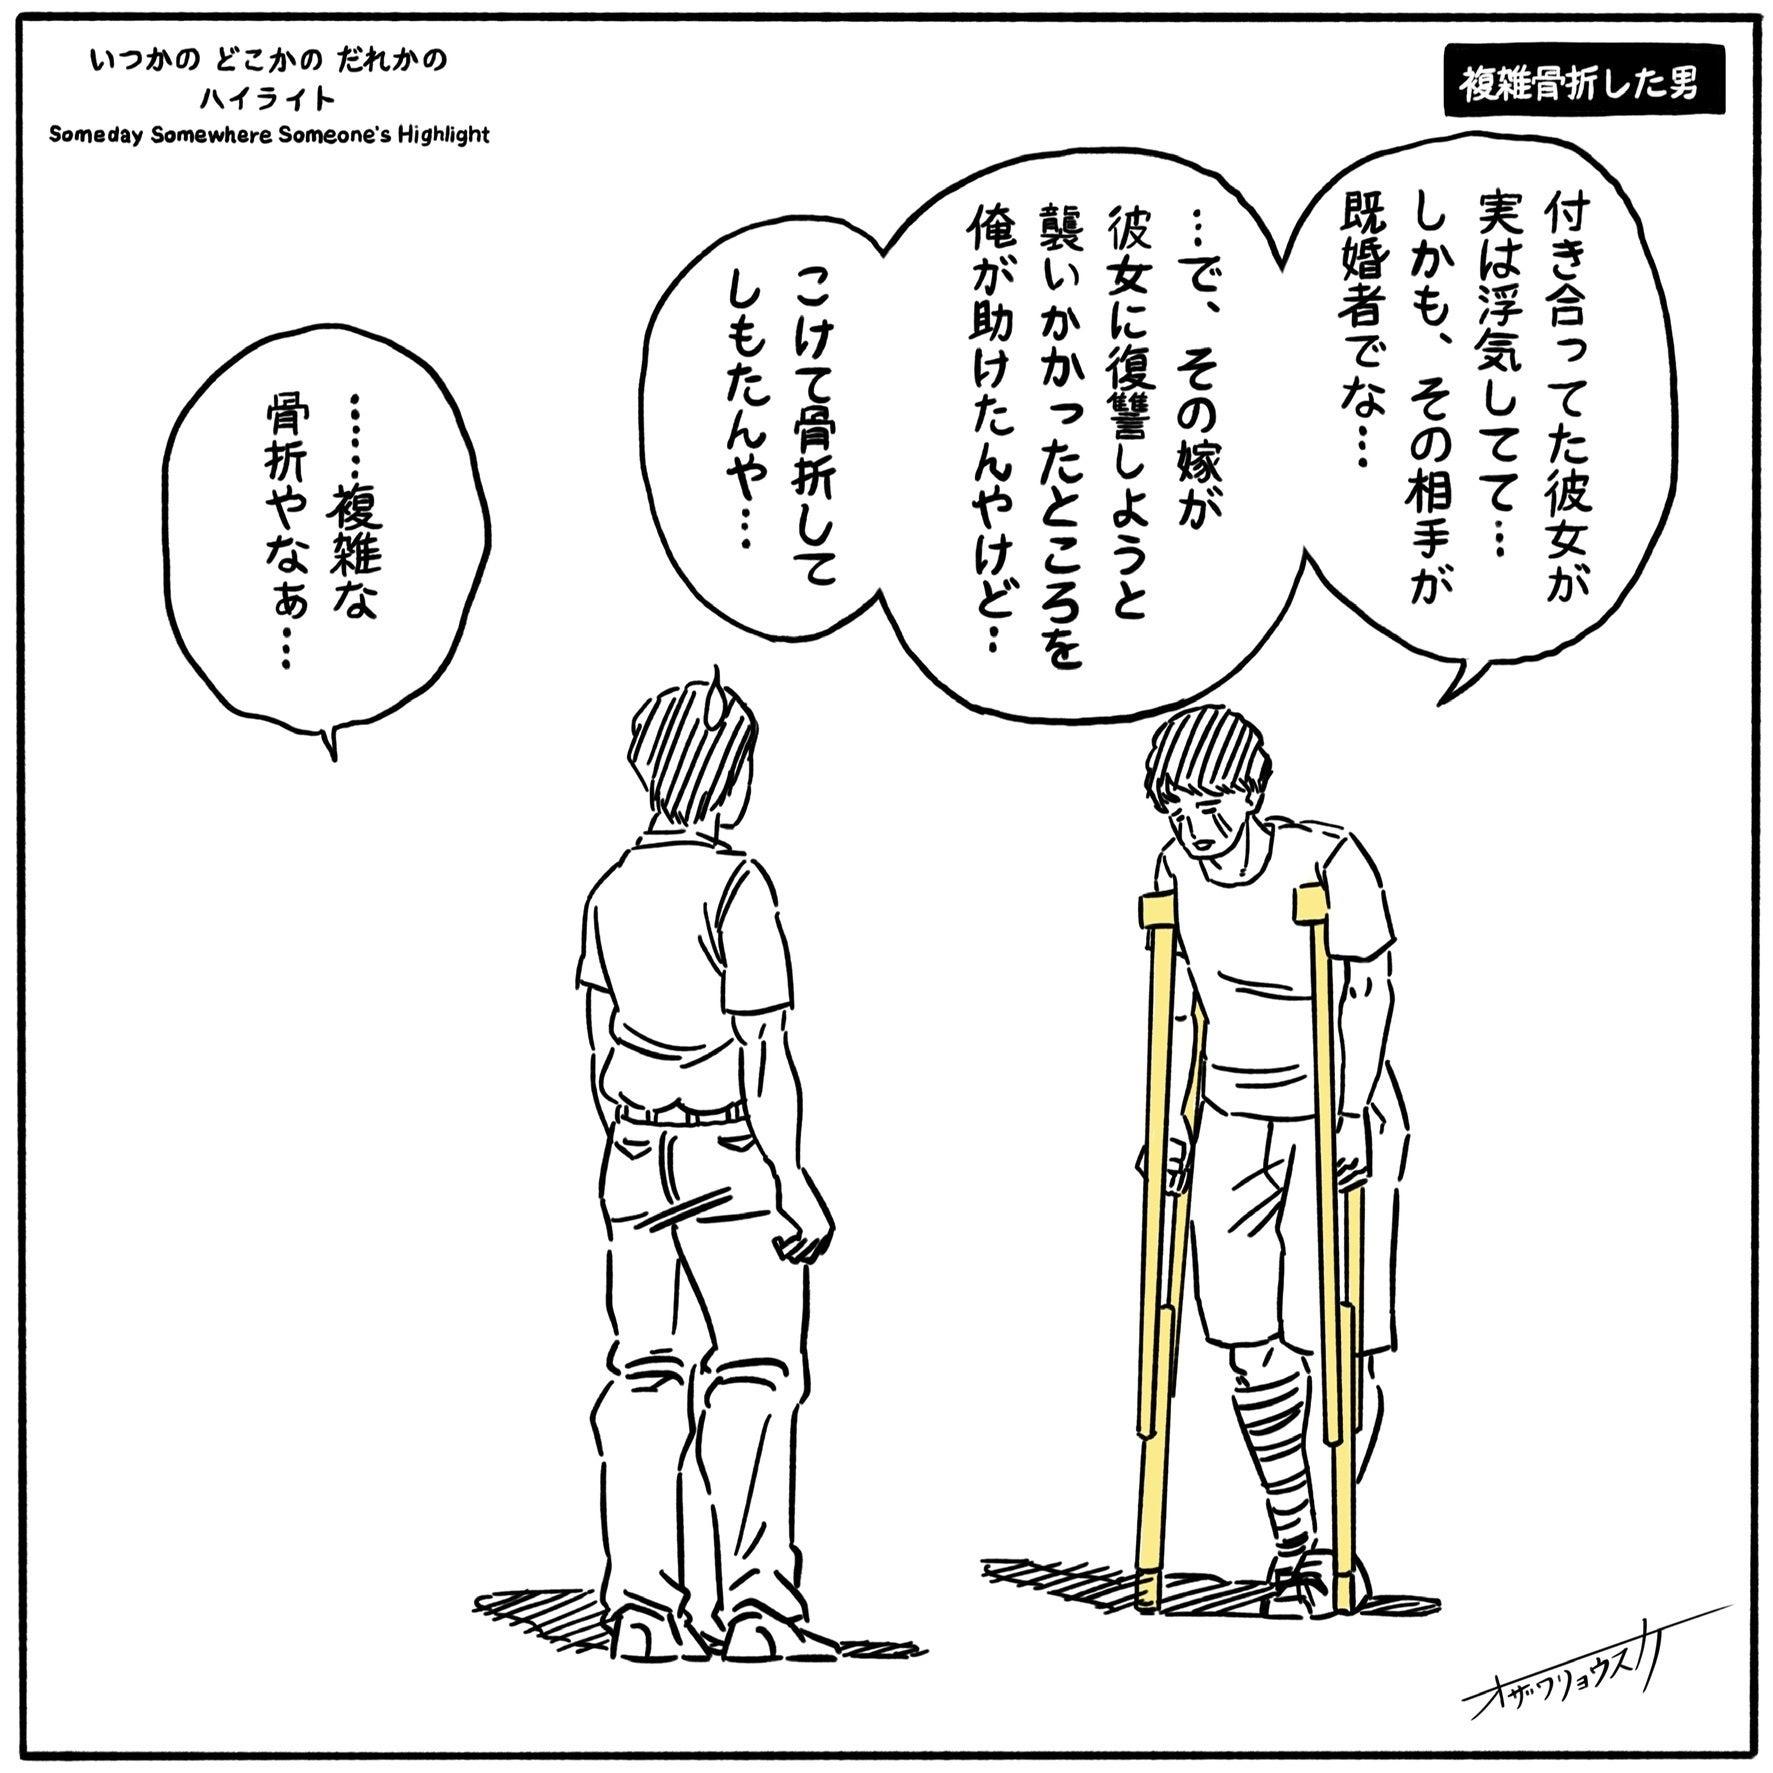 複雑骨折した男|小澤 良祐|note